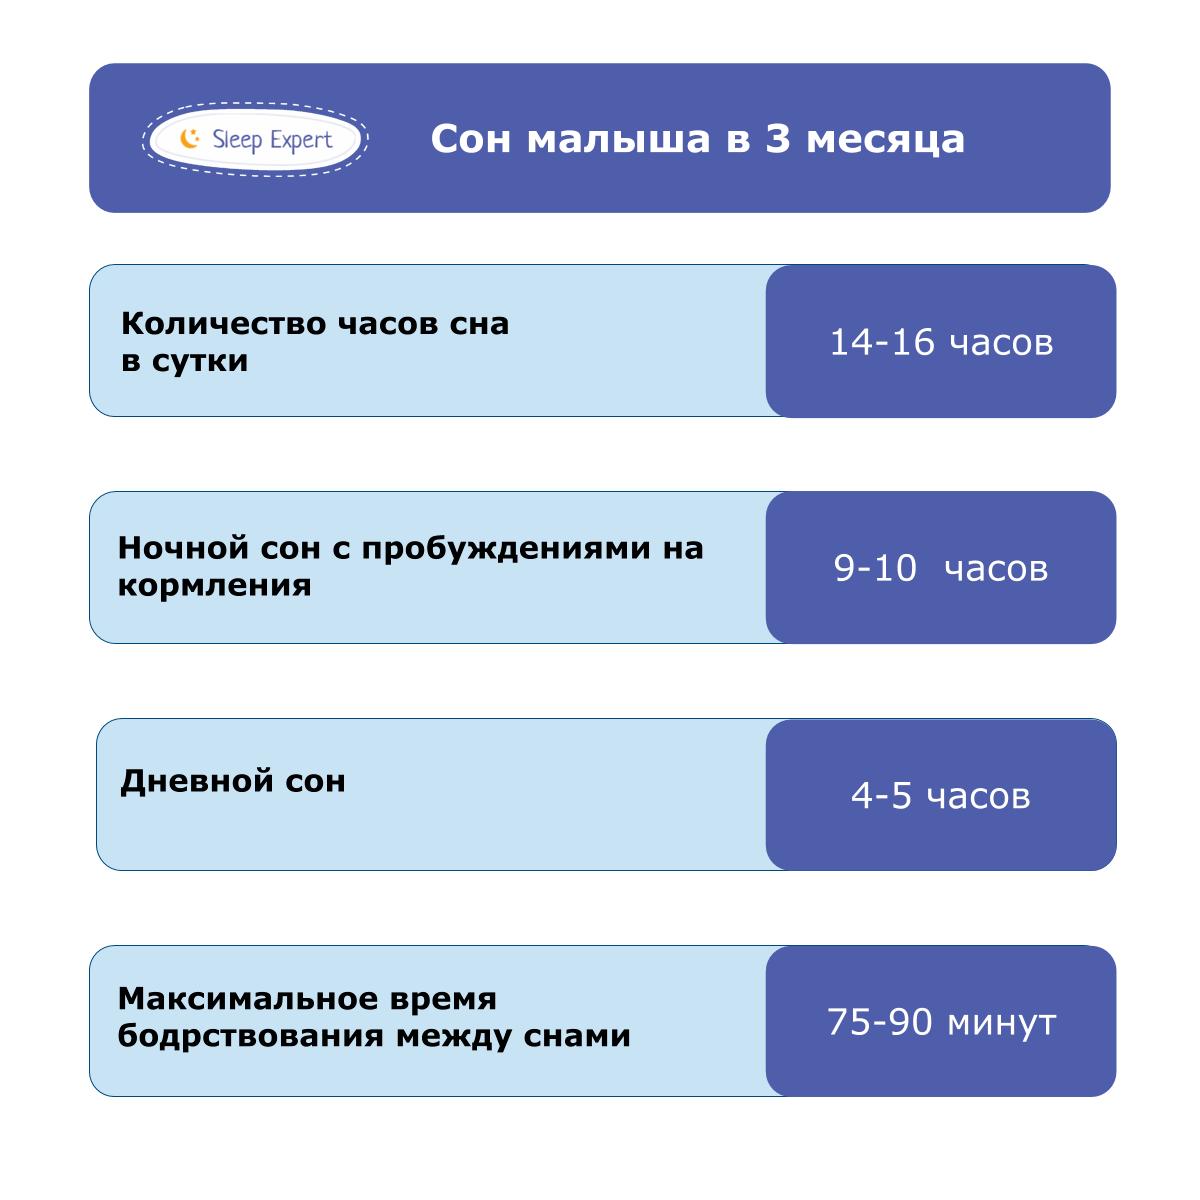 Правильный режим сна и бодрствования у ребенка в 3 месяца